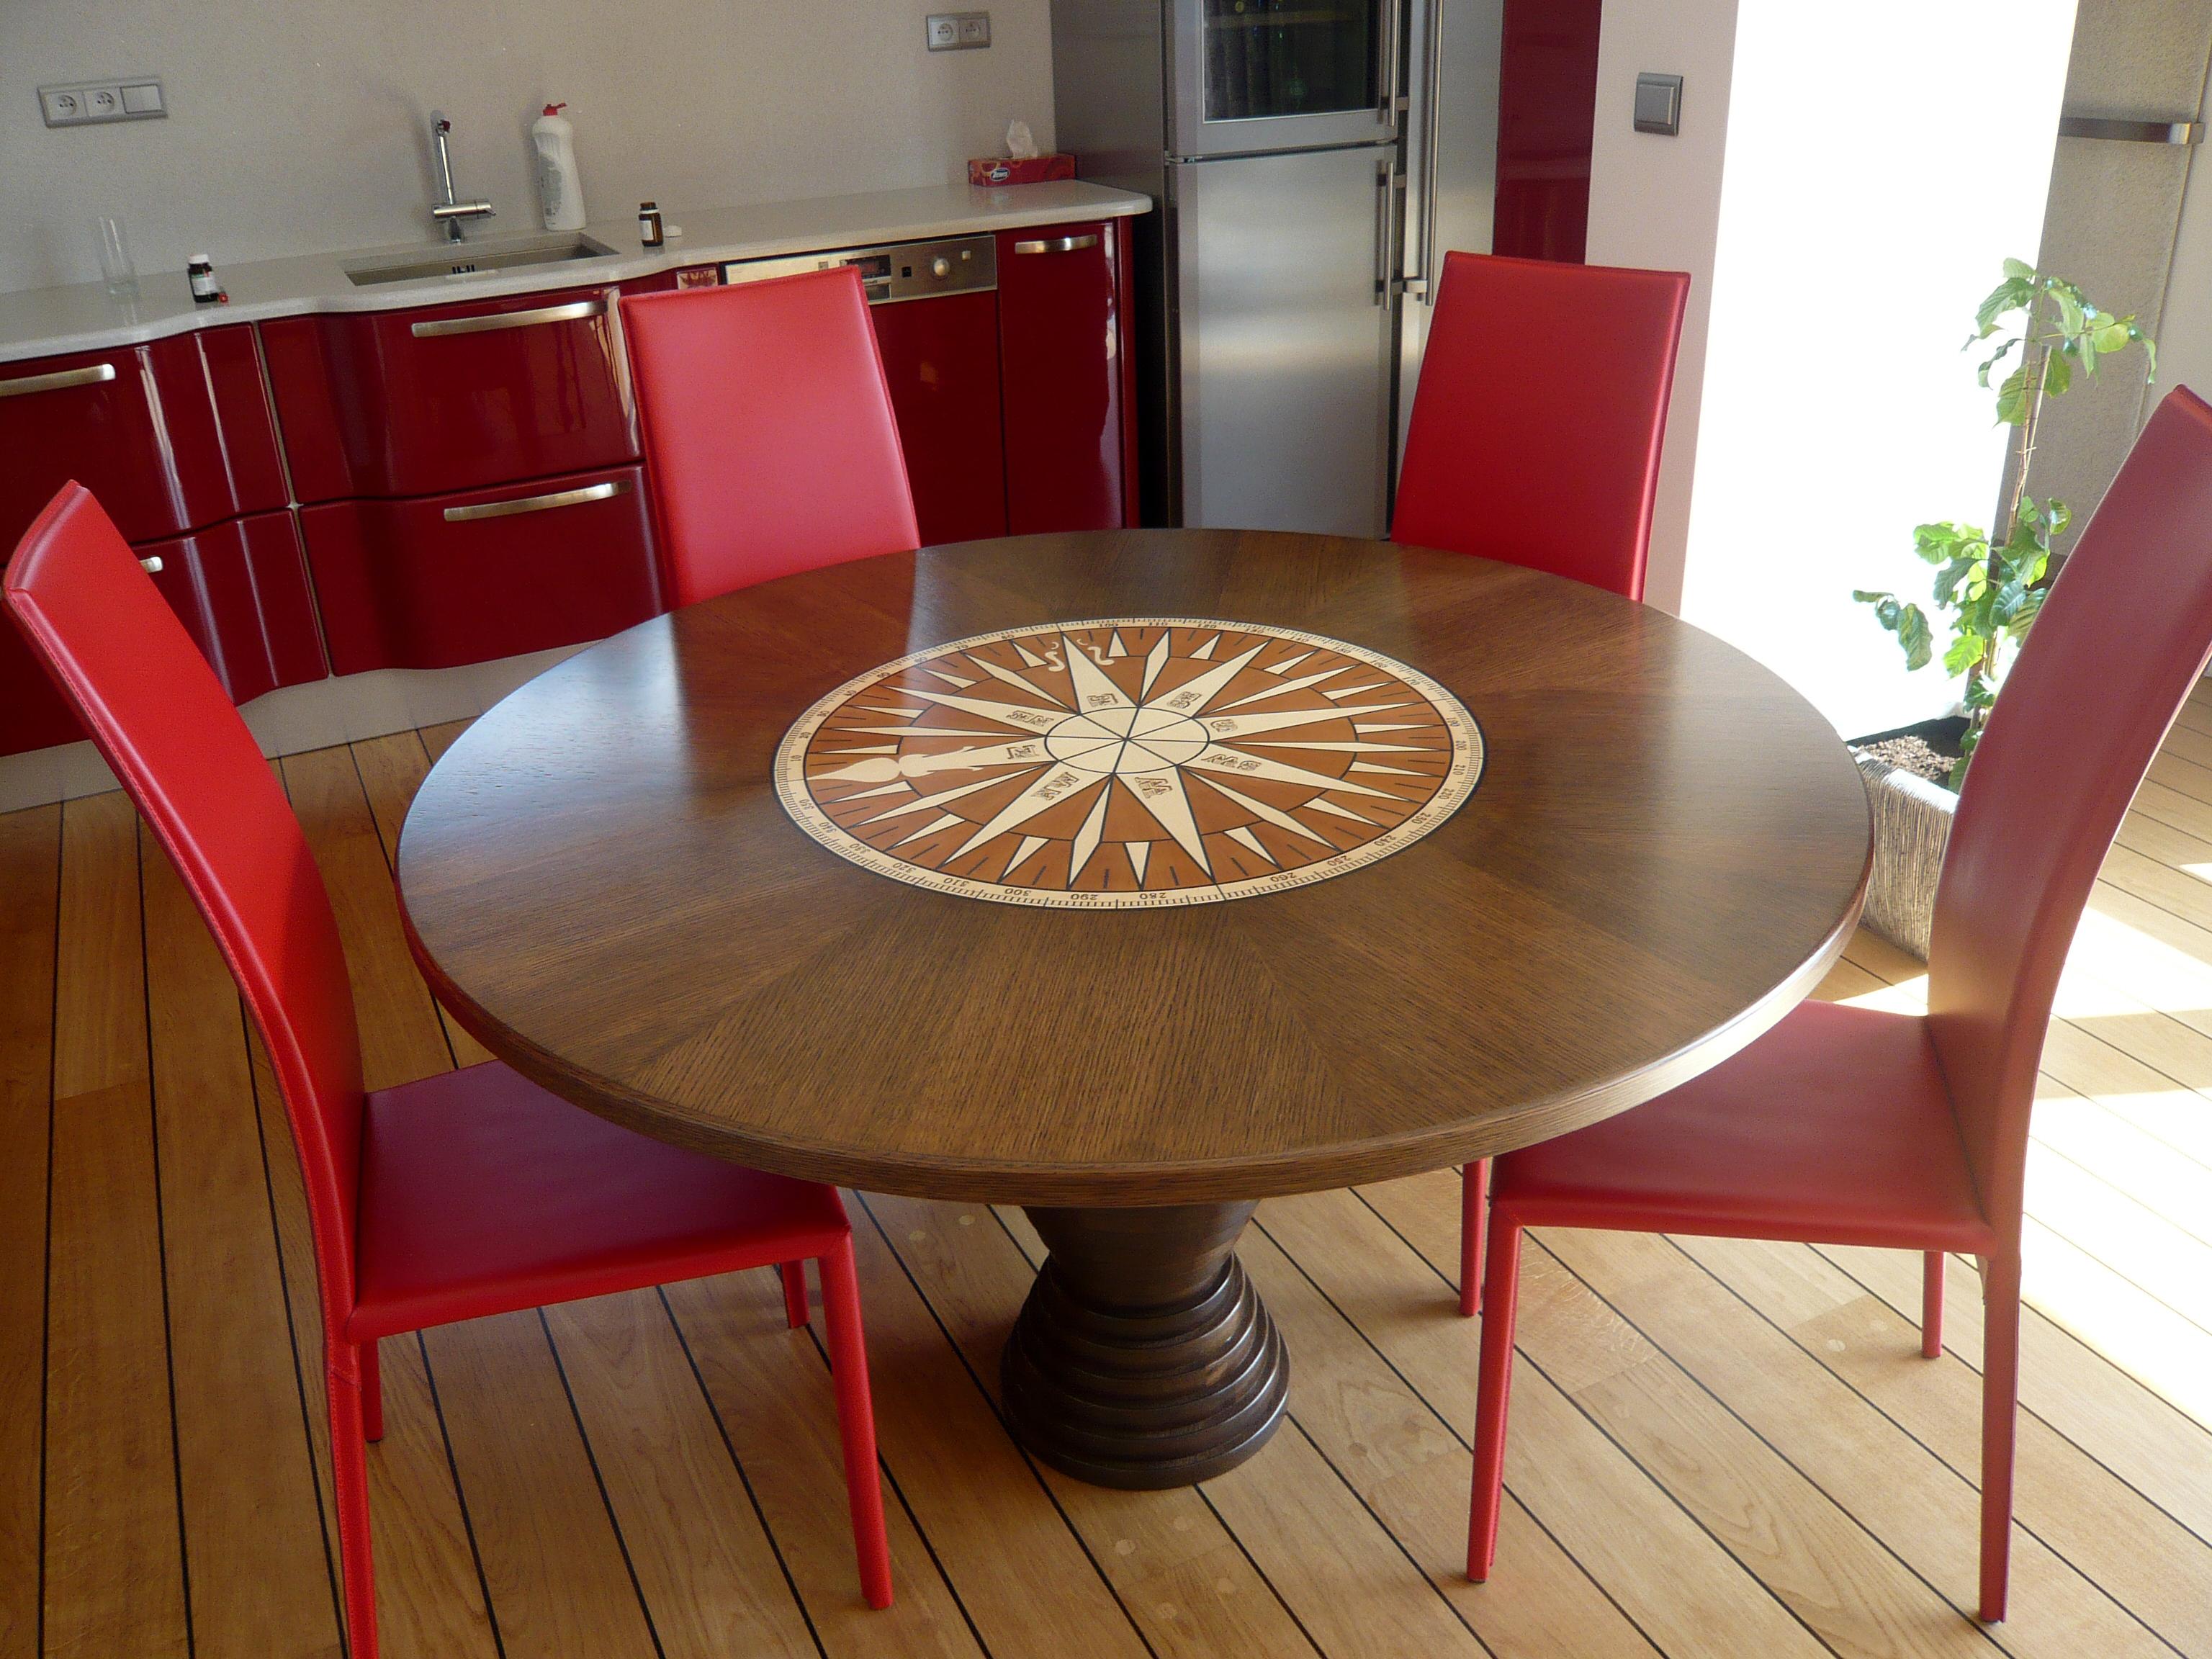 Jídelní stůl s kompasem na míru.